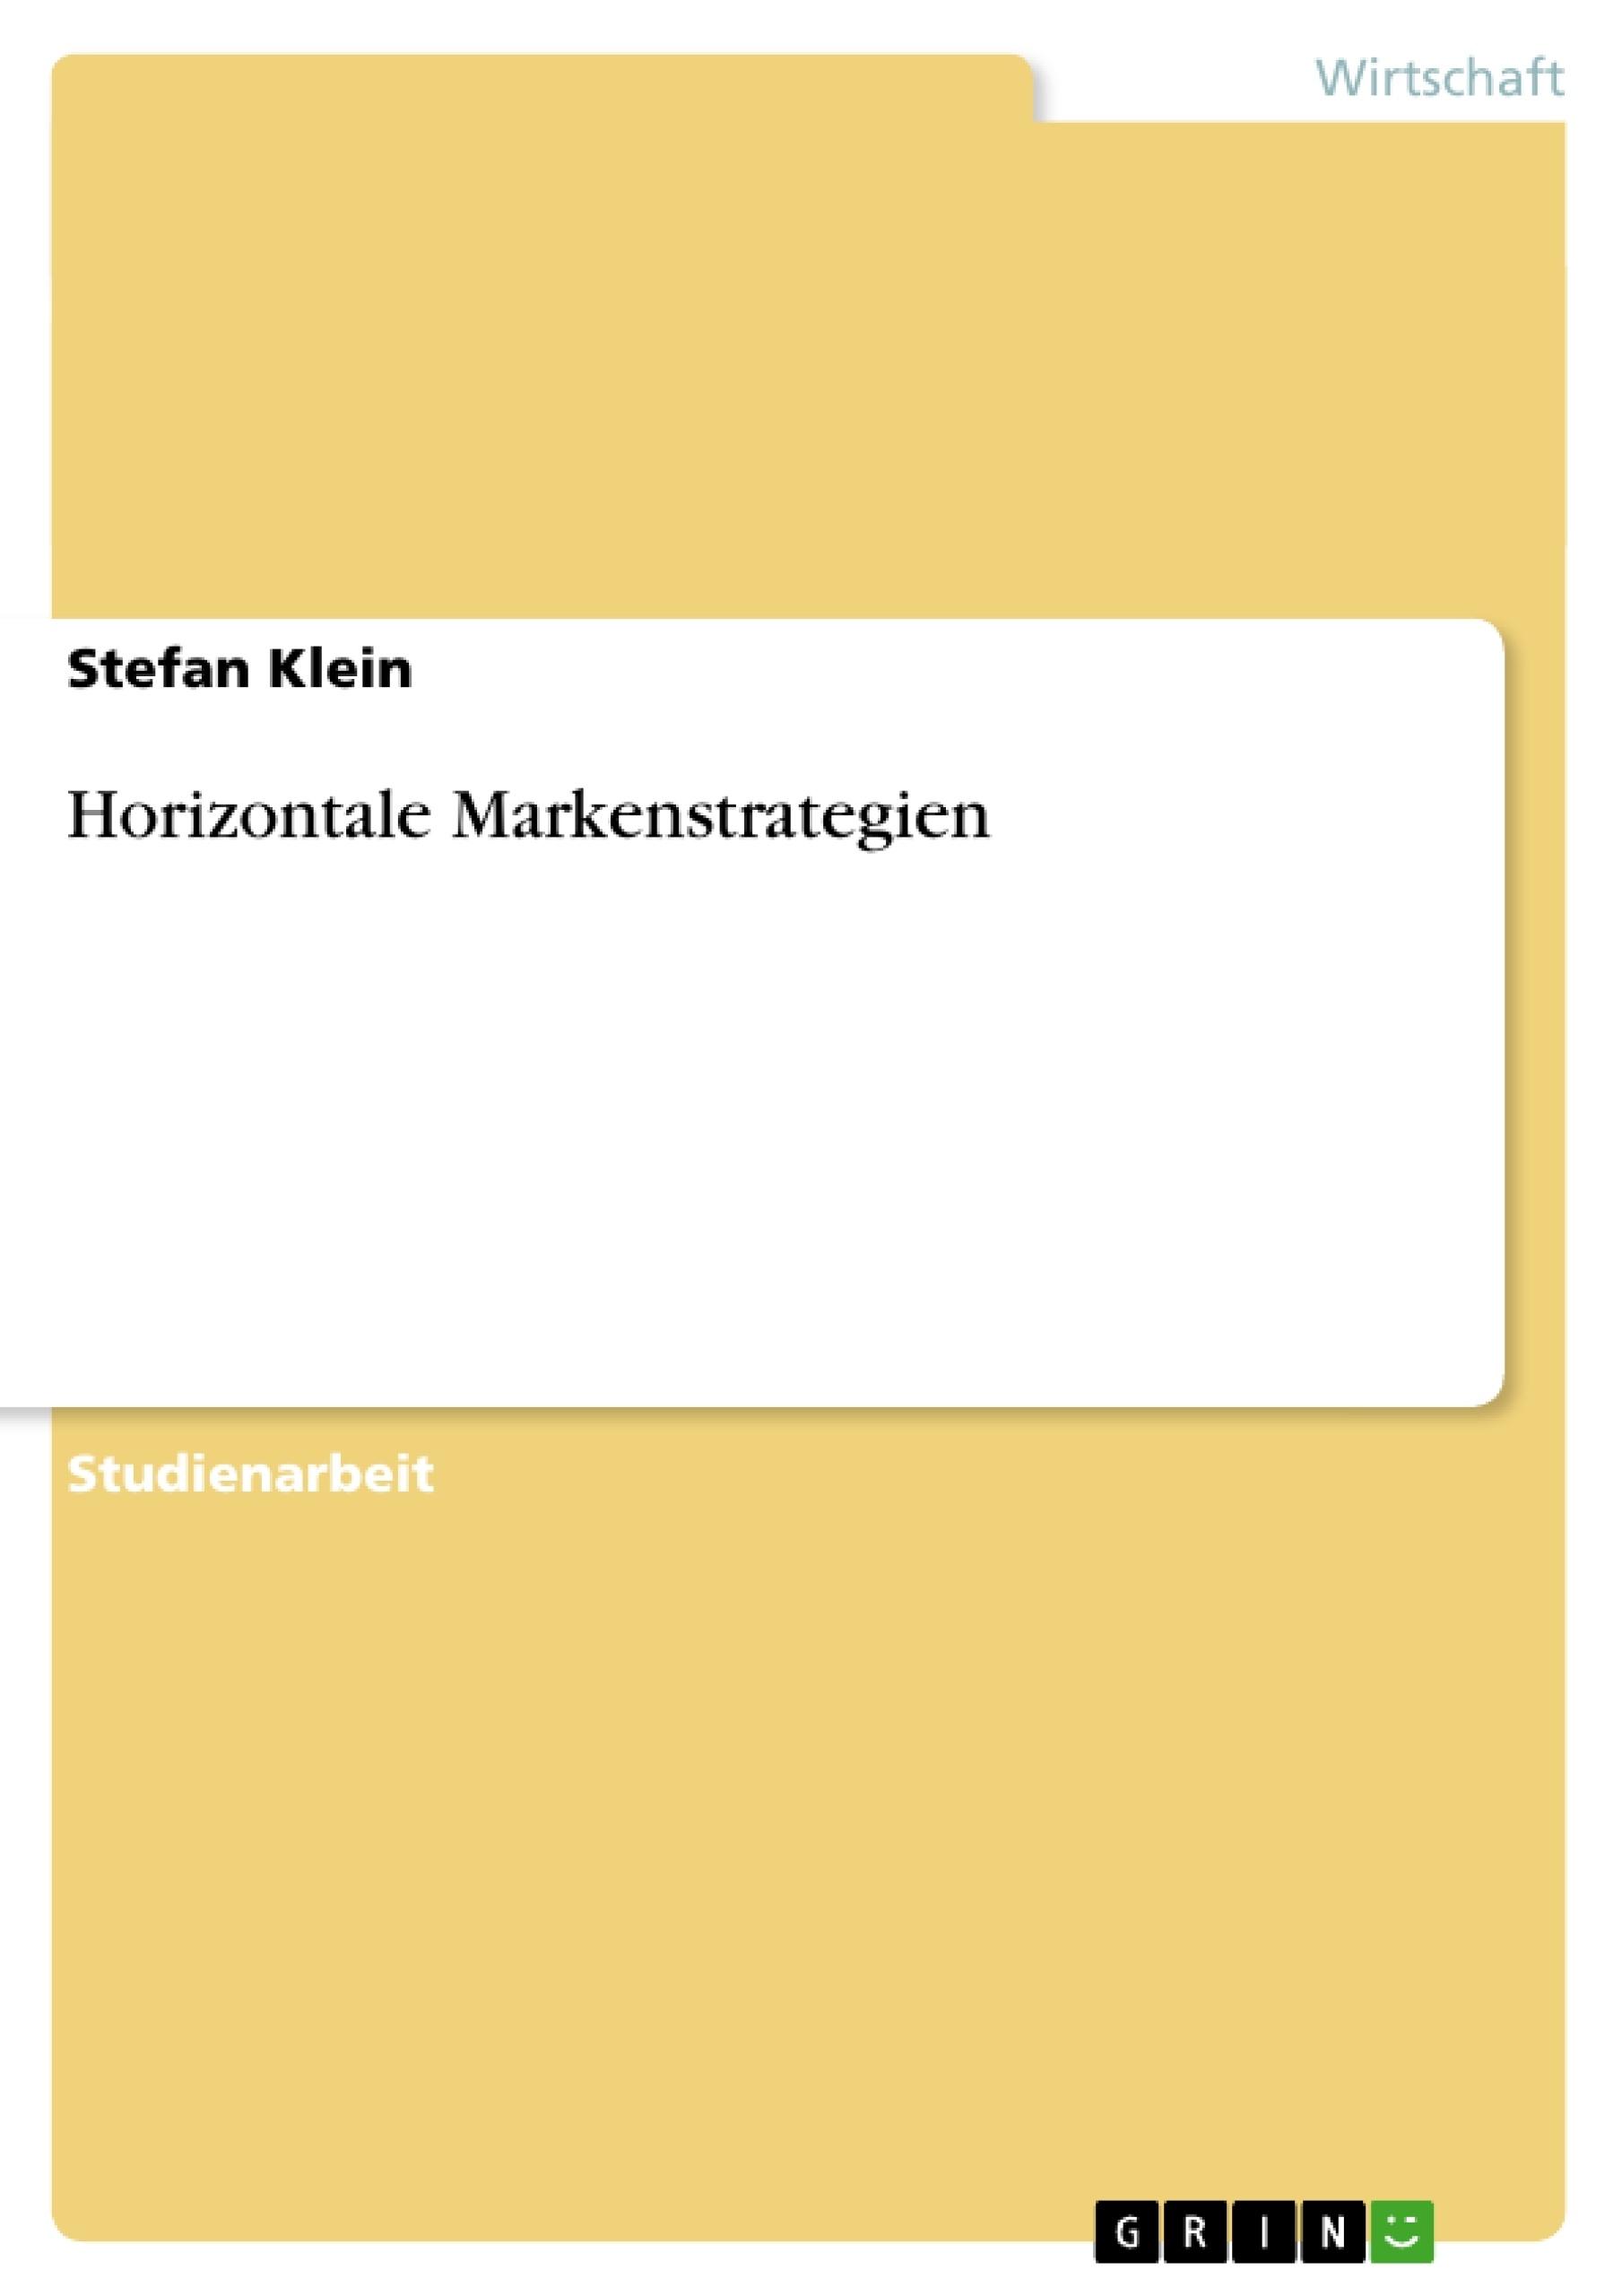 Titel: Horizontale Markenstrategien